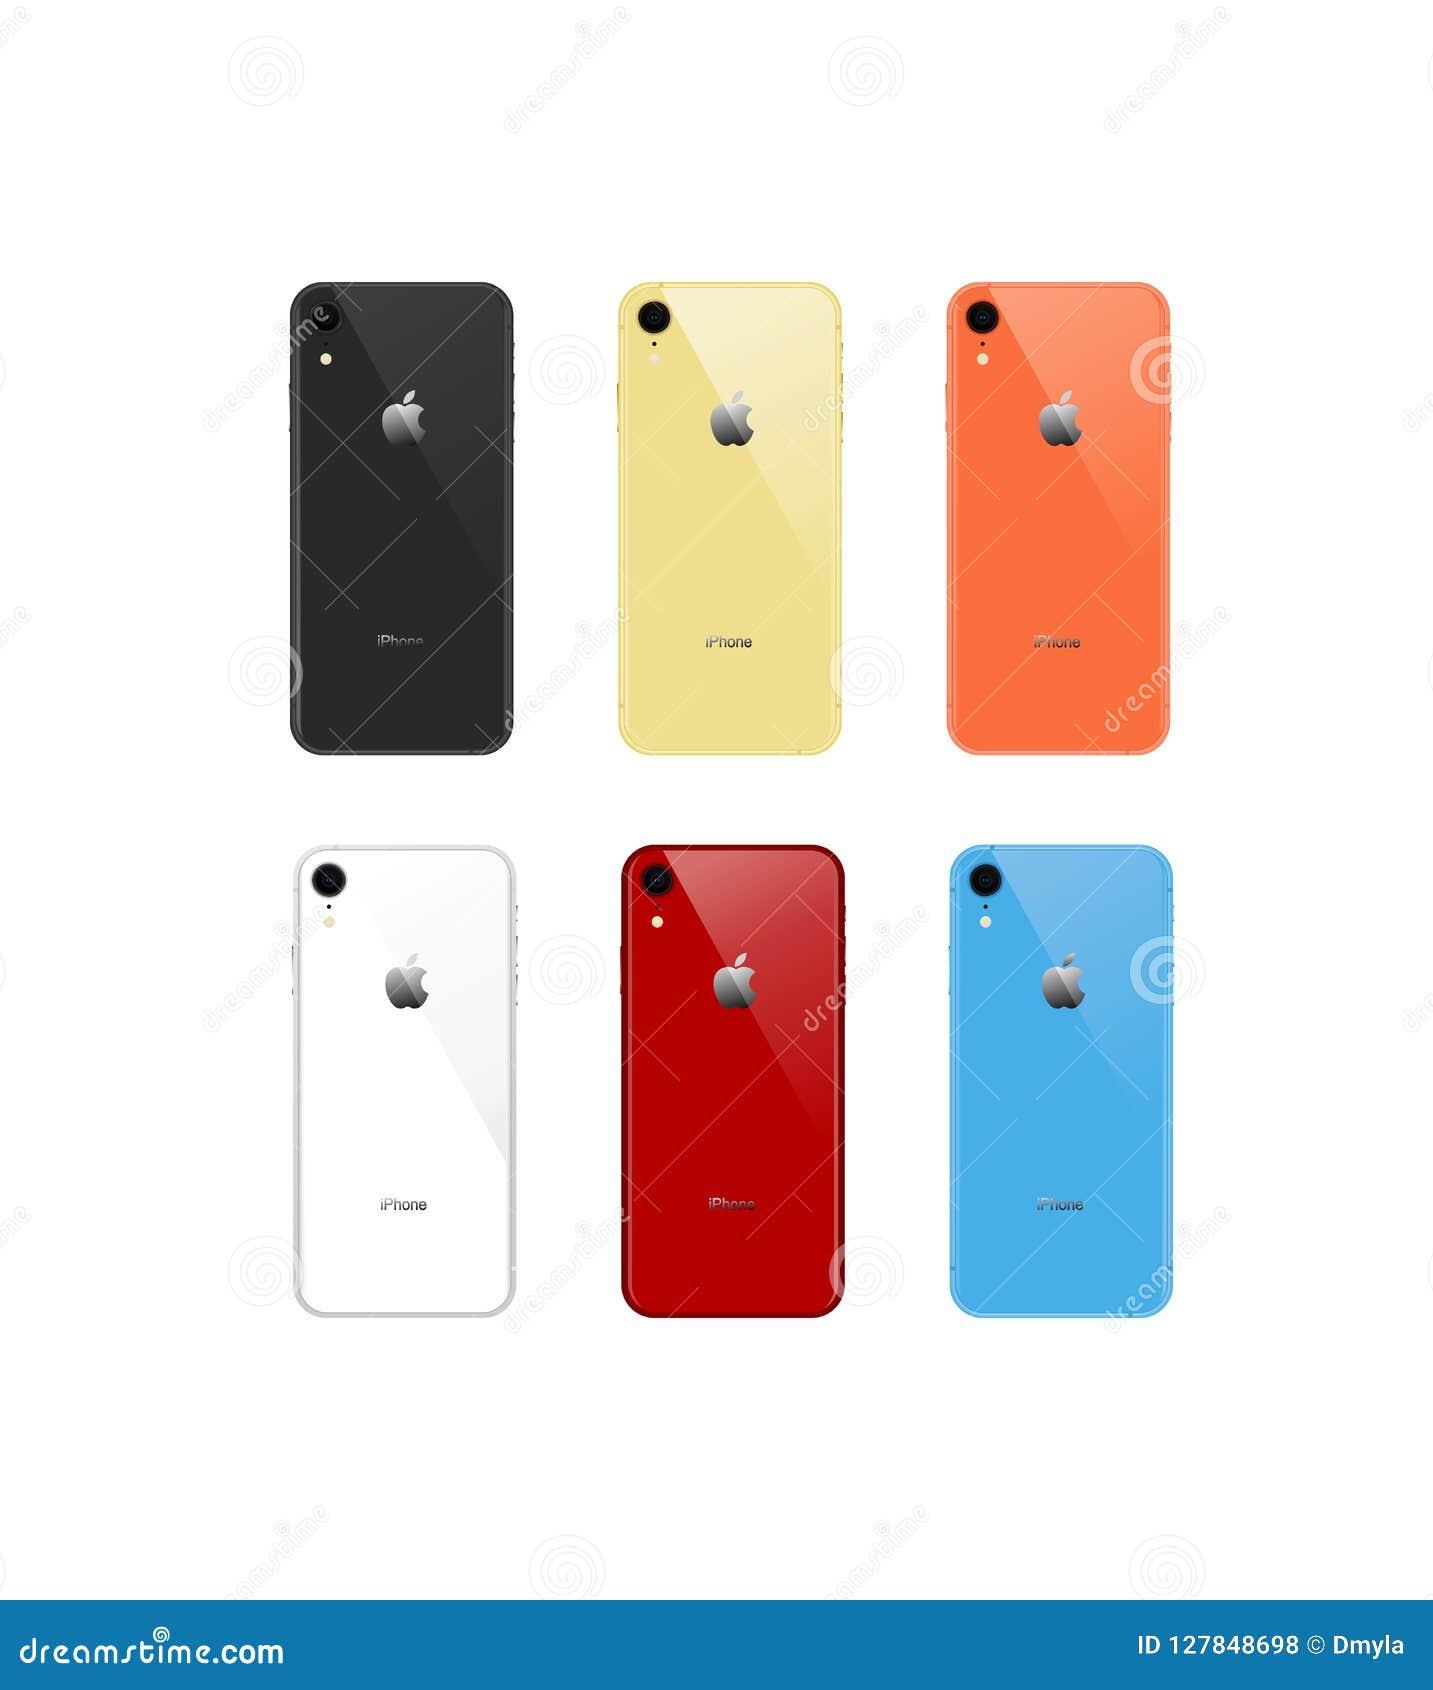 4 IPHONE GRATUIT POUR ZIPHONE GRATUITEMENT TÉLÉCHARGER